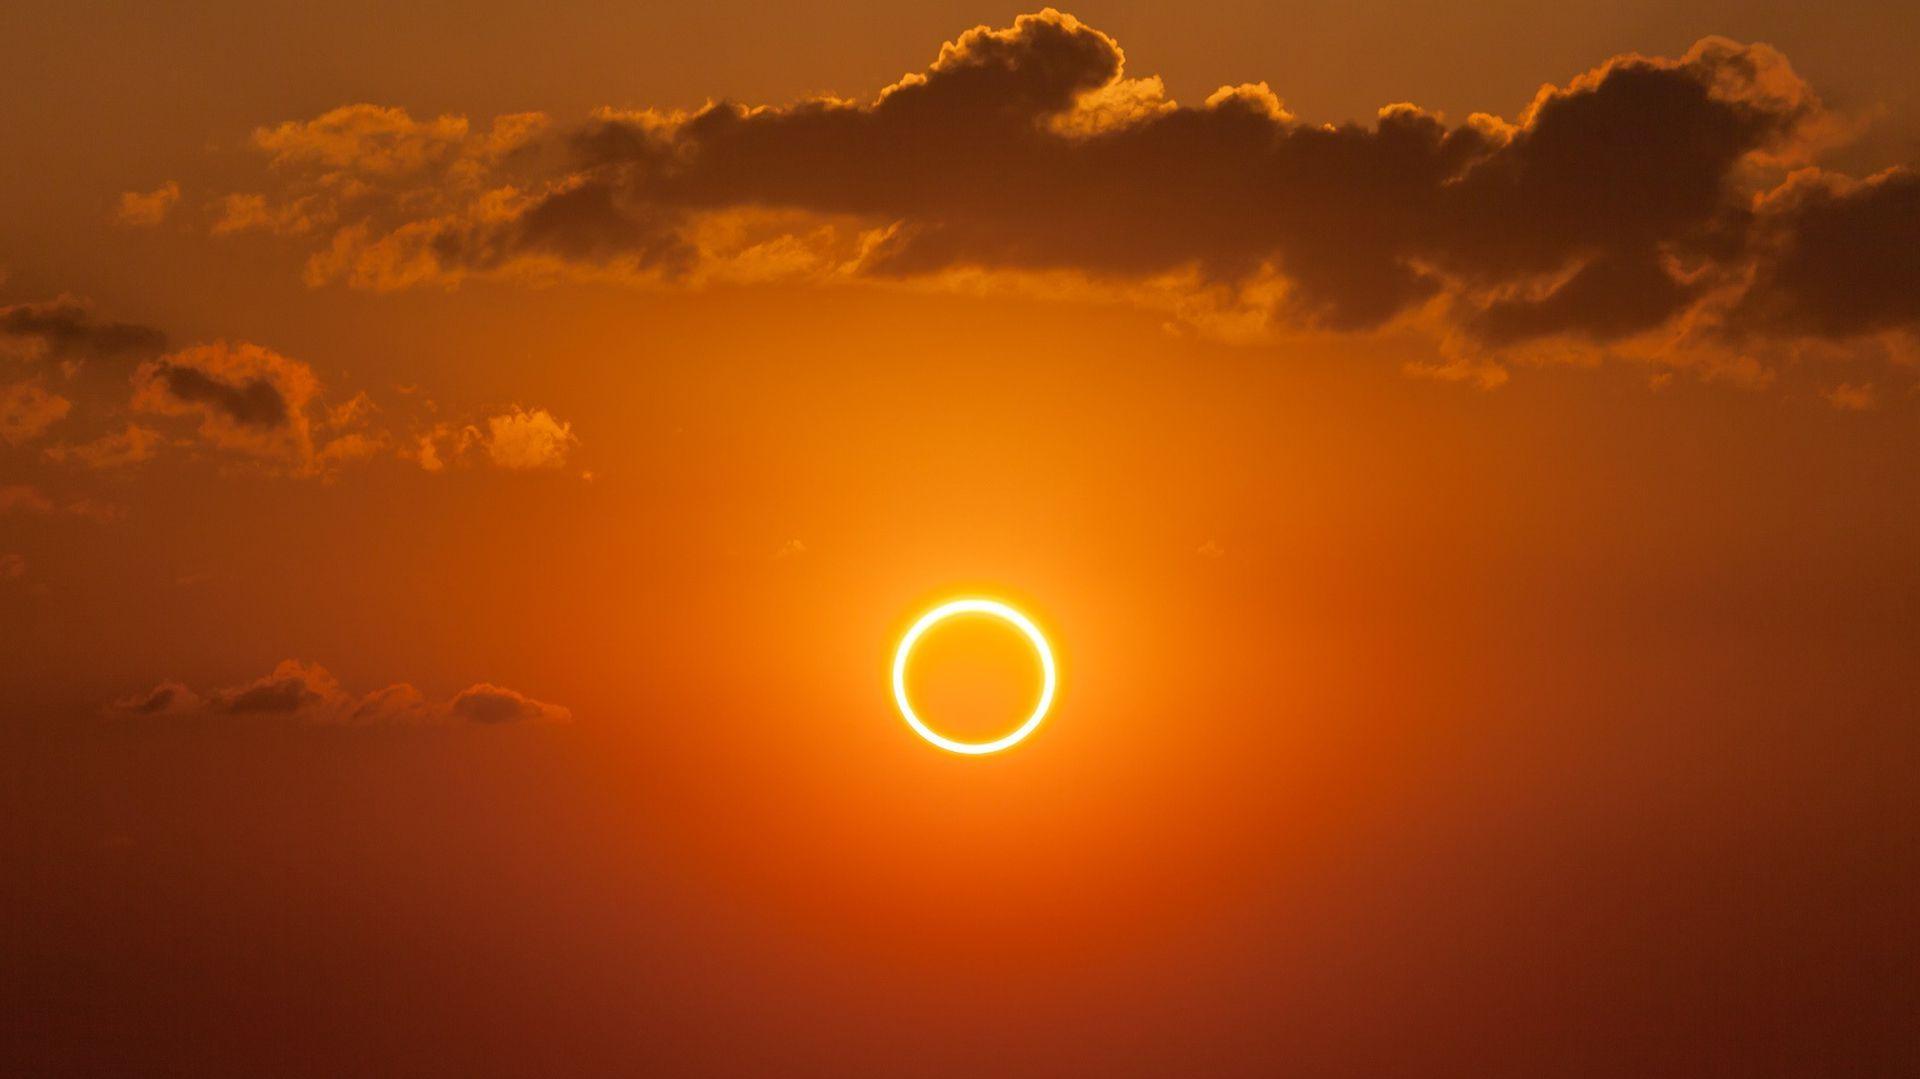 El Sol es 400 veces más grande que la Luna, pero la Luna se encuentra aproximadamente 400 veces más cerca de la Tierra